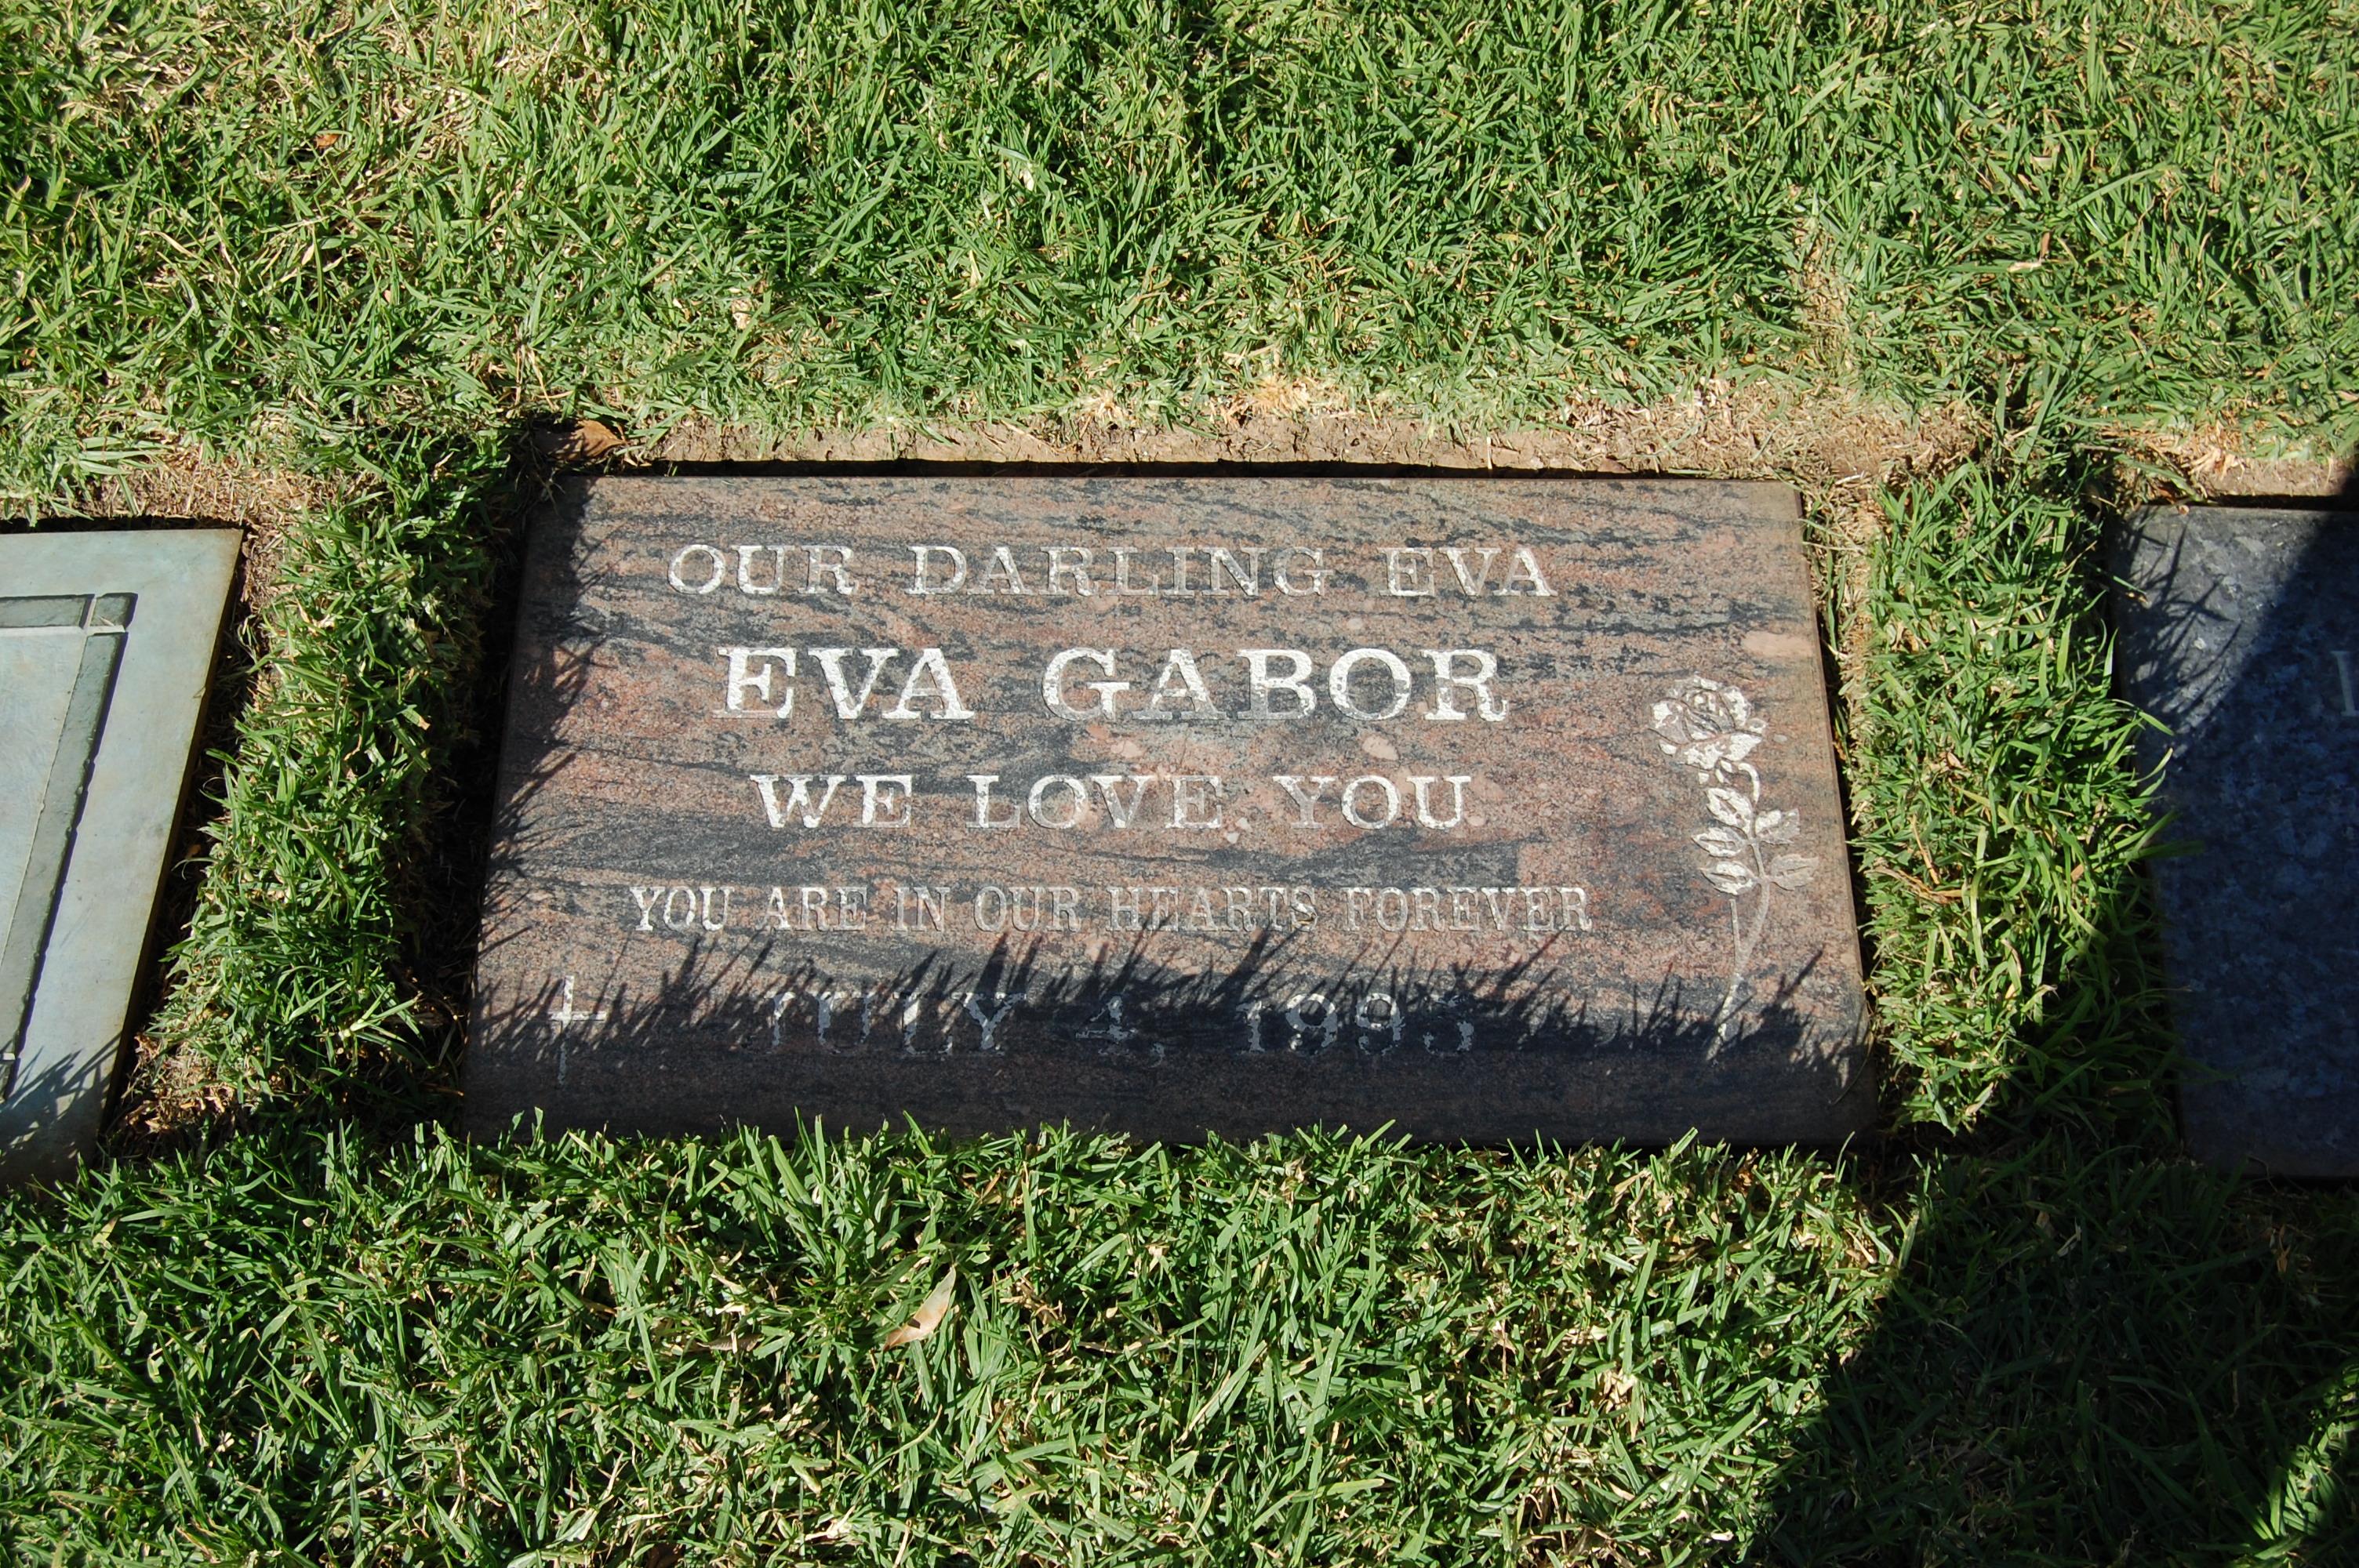 Lindsey Funeral Home Rural Retreat Va